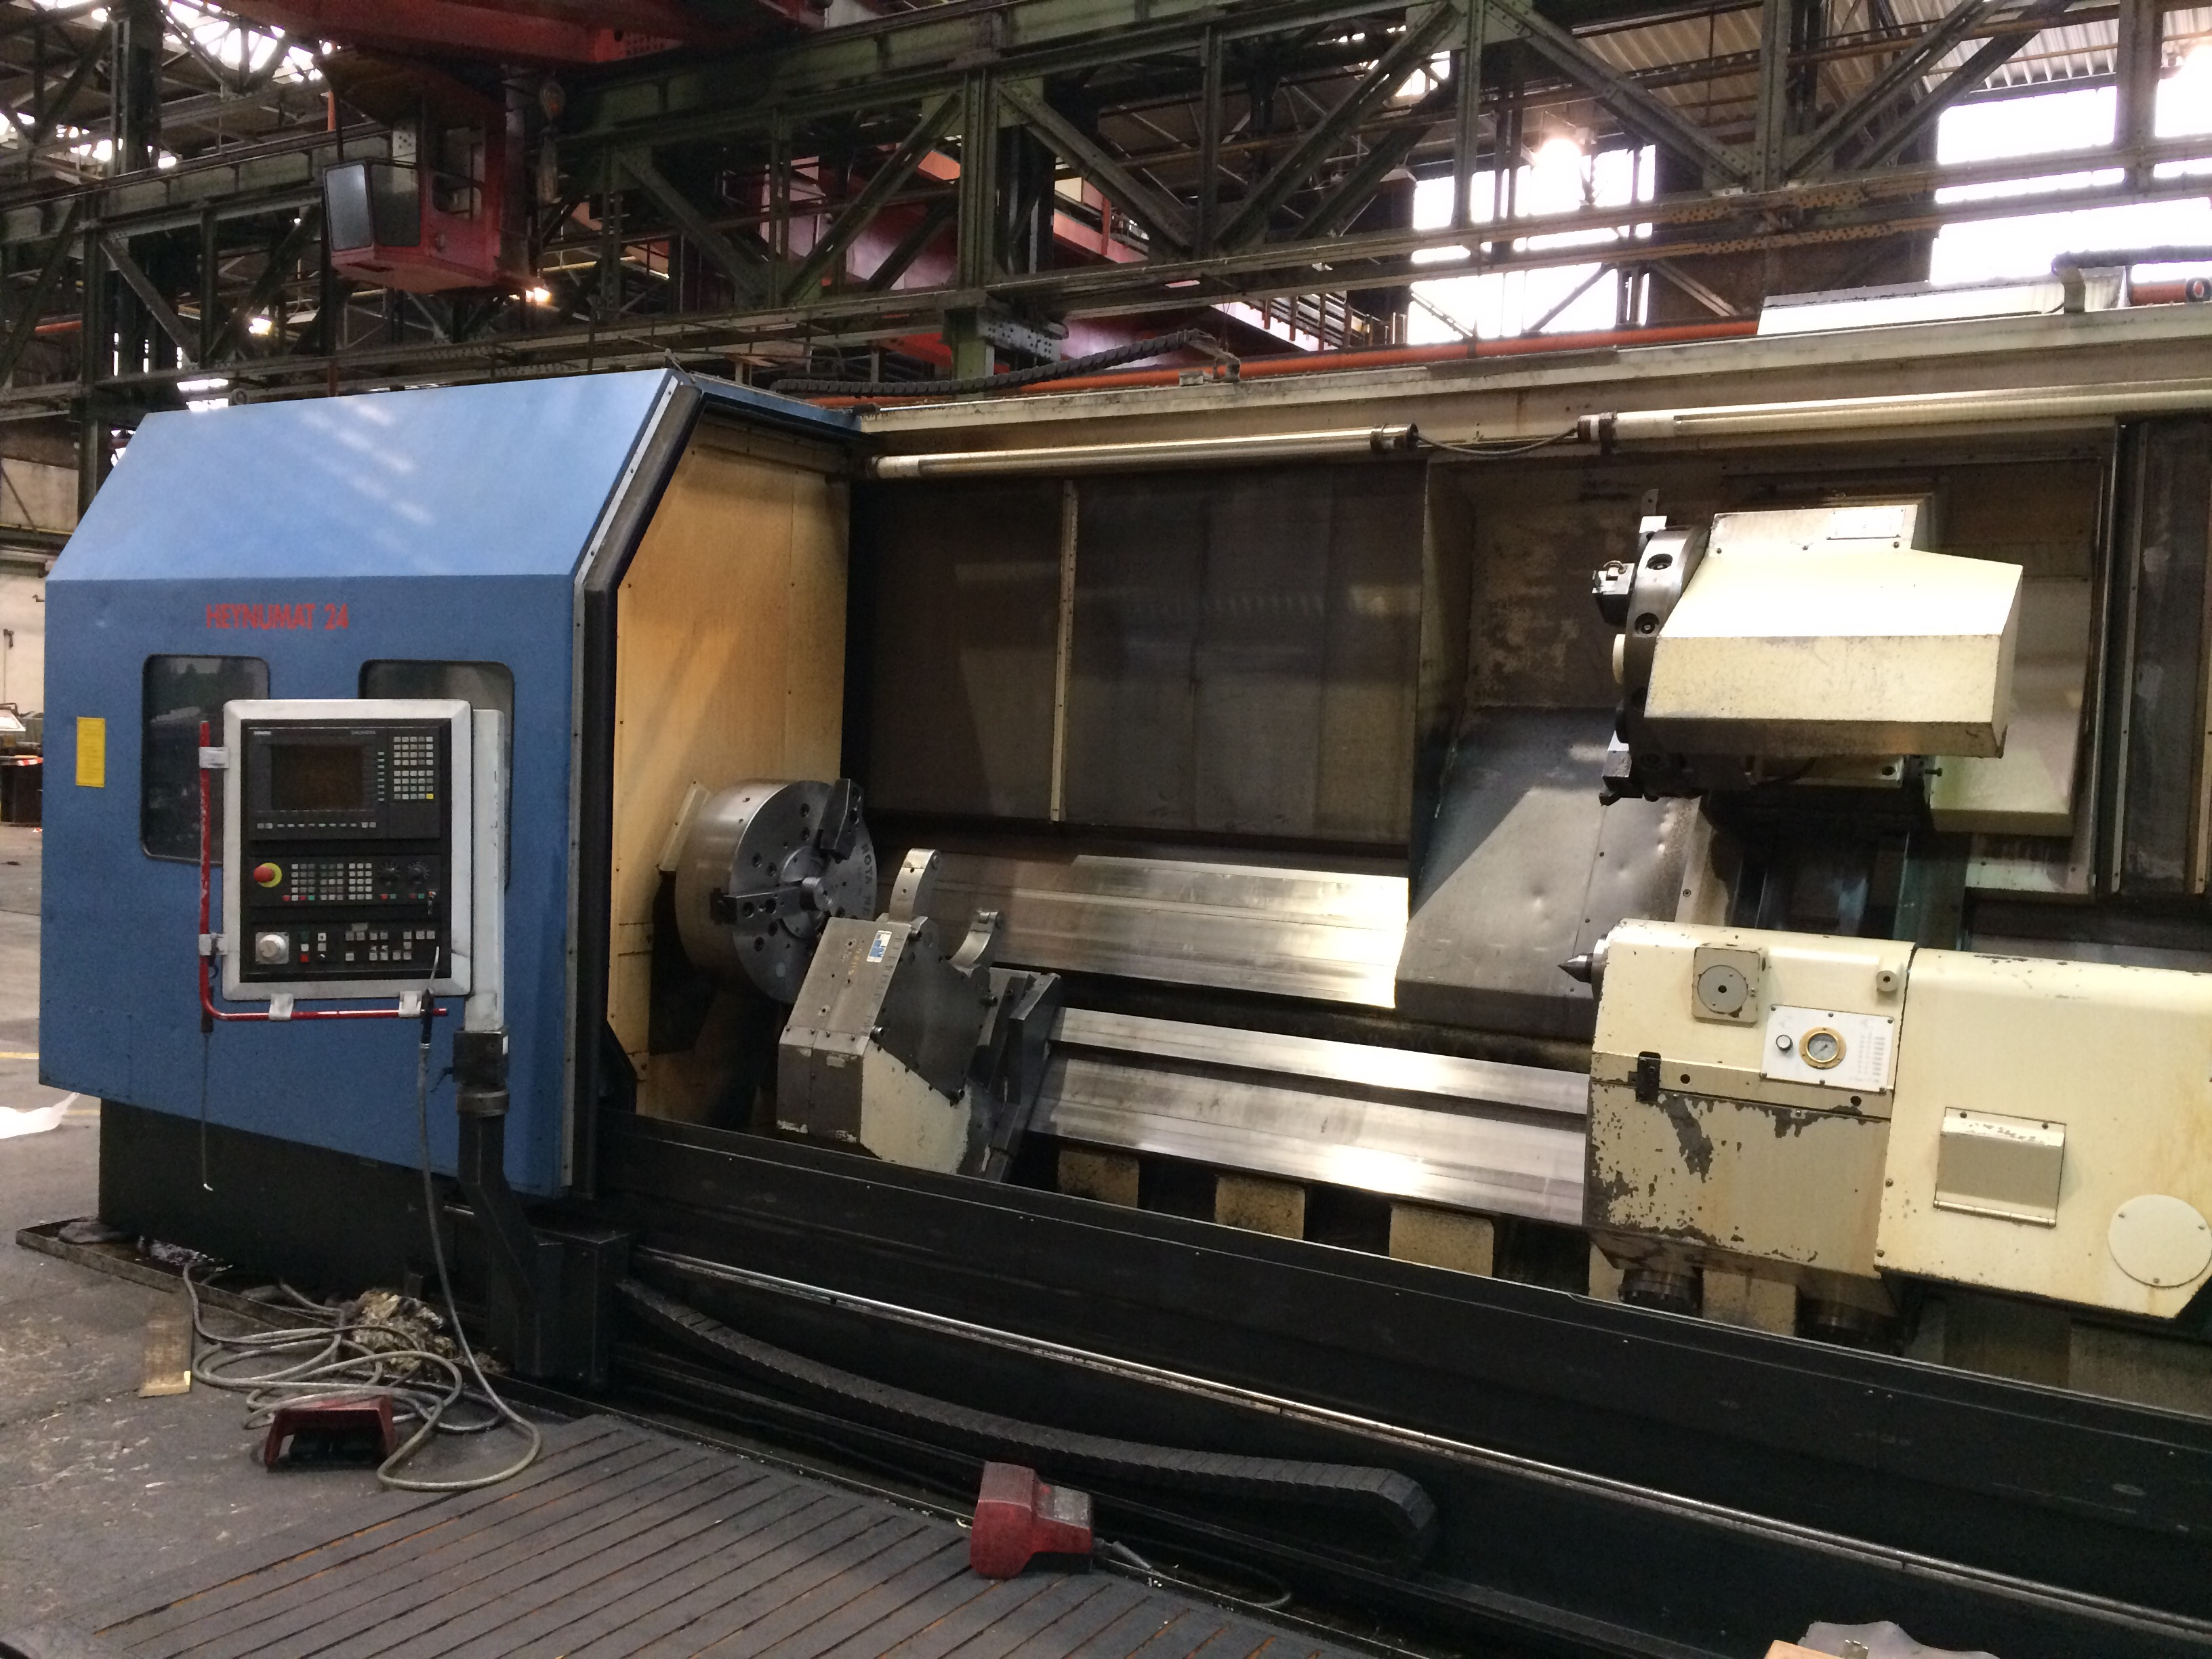 1 CNC-Drehmaschine 40211, Fabr. HEYLIGENSTAEDT, Typ 25 UK-4000